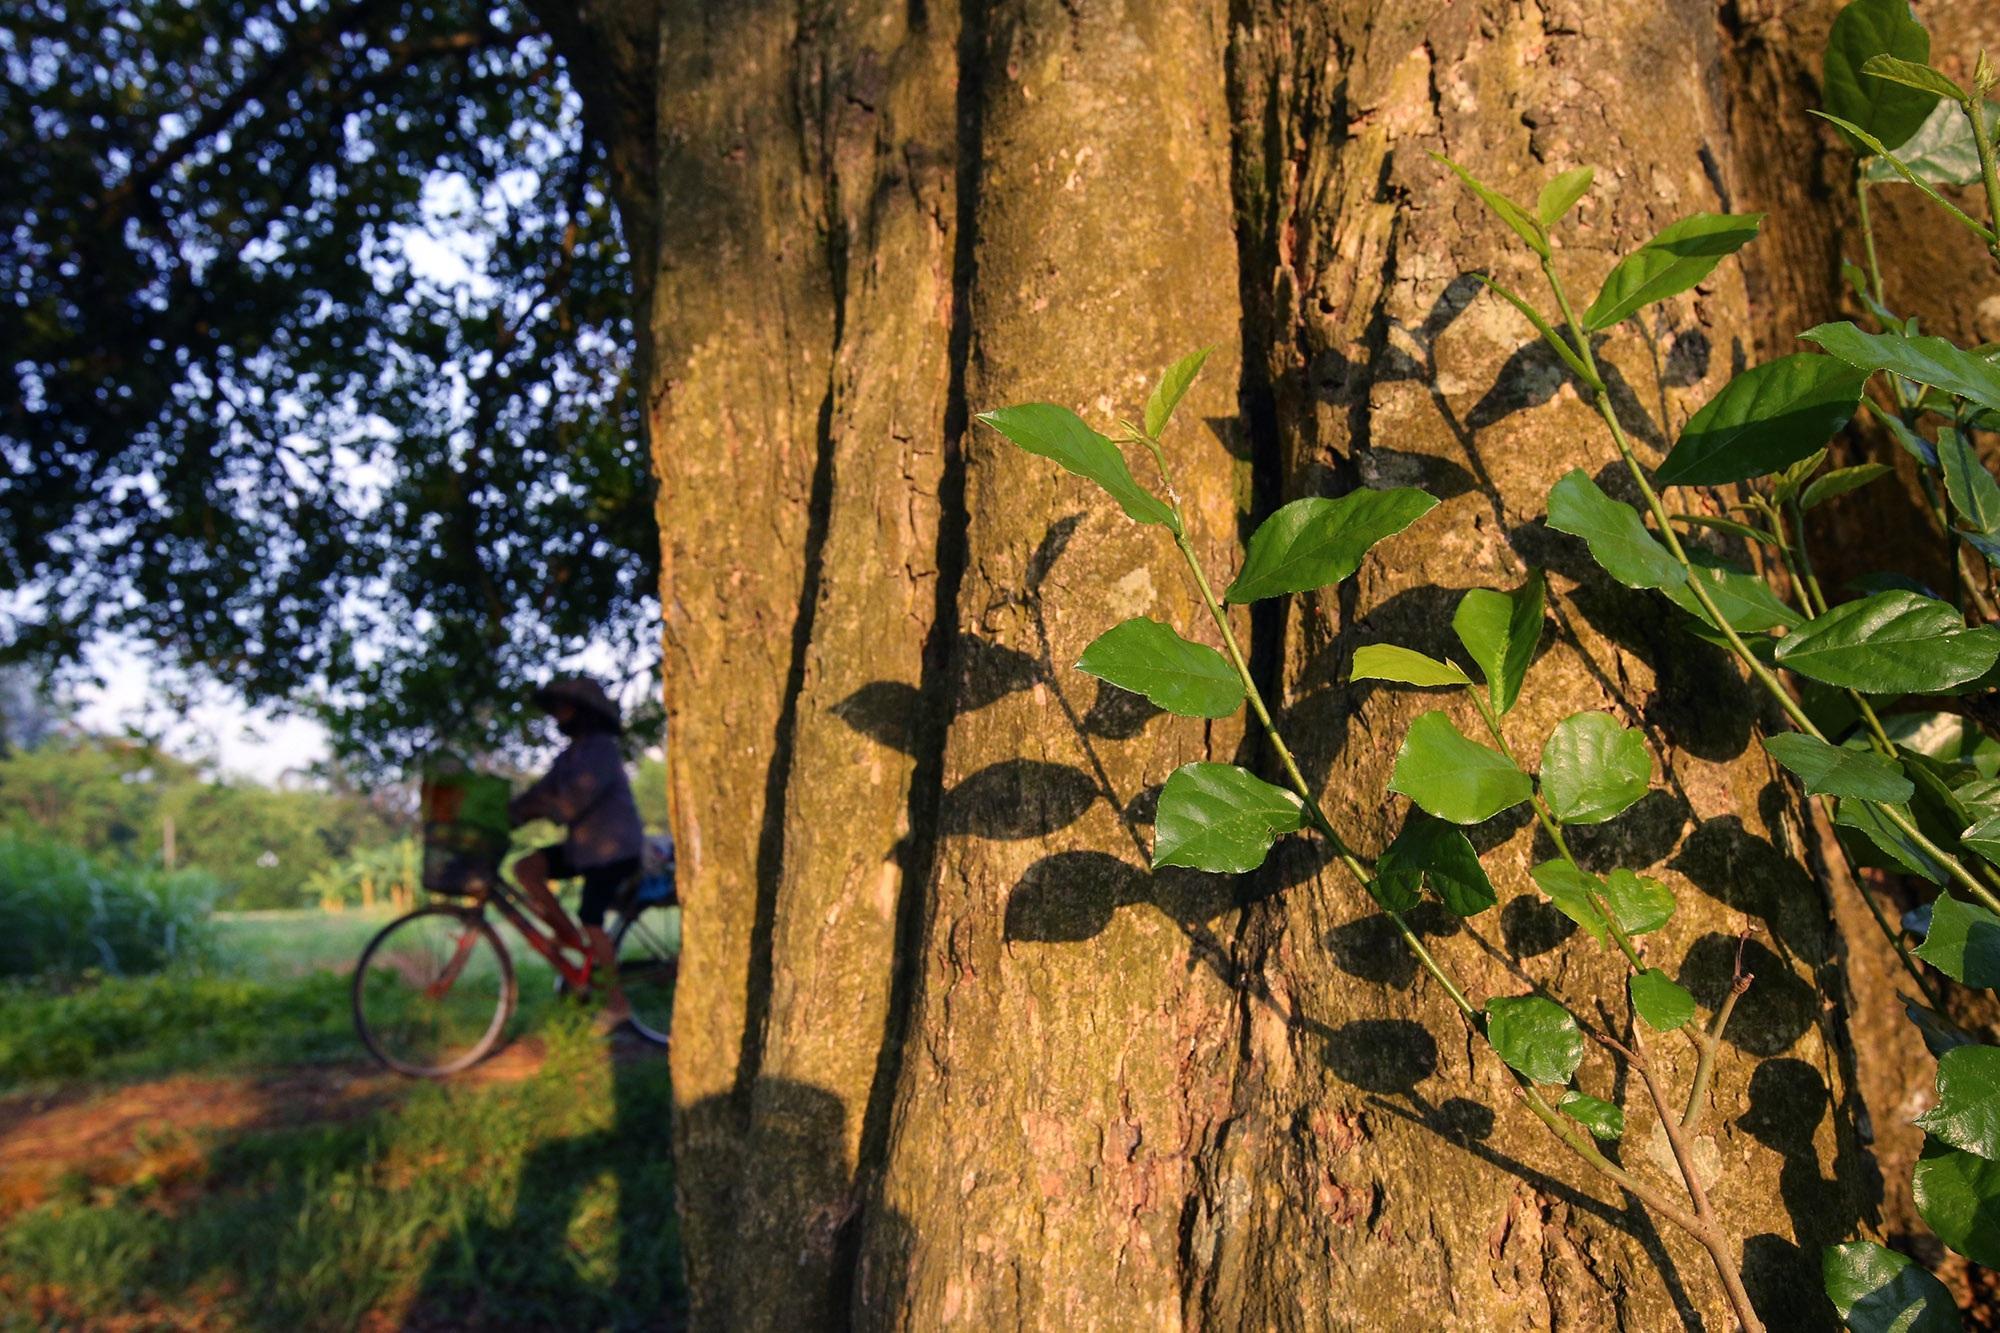 Rặng cây duối cổ hơn 1000 năm tuổi ở Hà Nội - 7